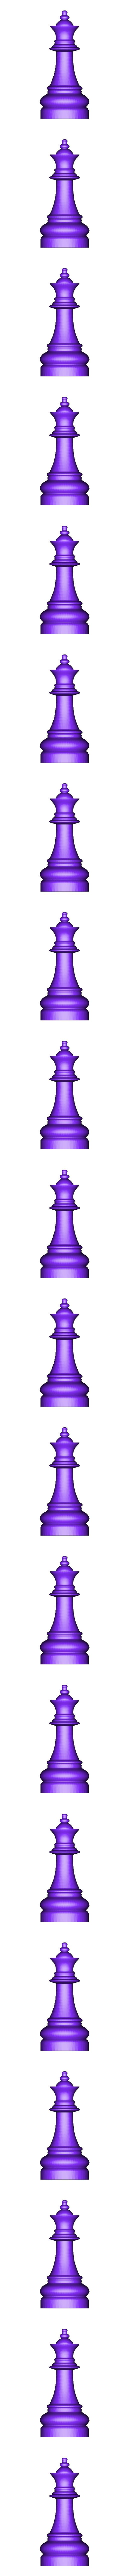 reina.STL Télécharger fichier STL gratuit échecs complets • Plan pour imprimante 3D, montenegromateo111